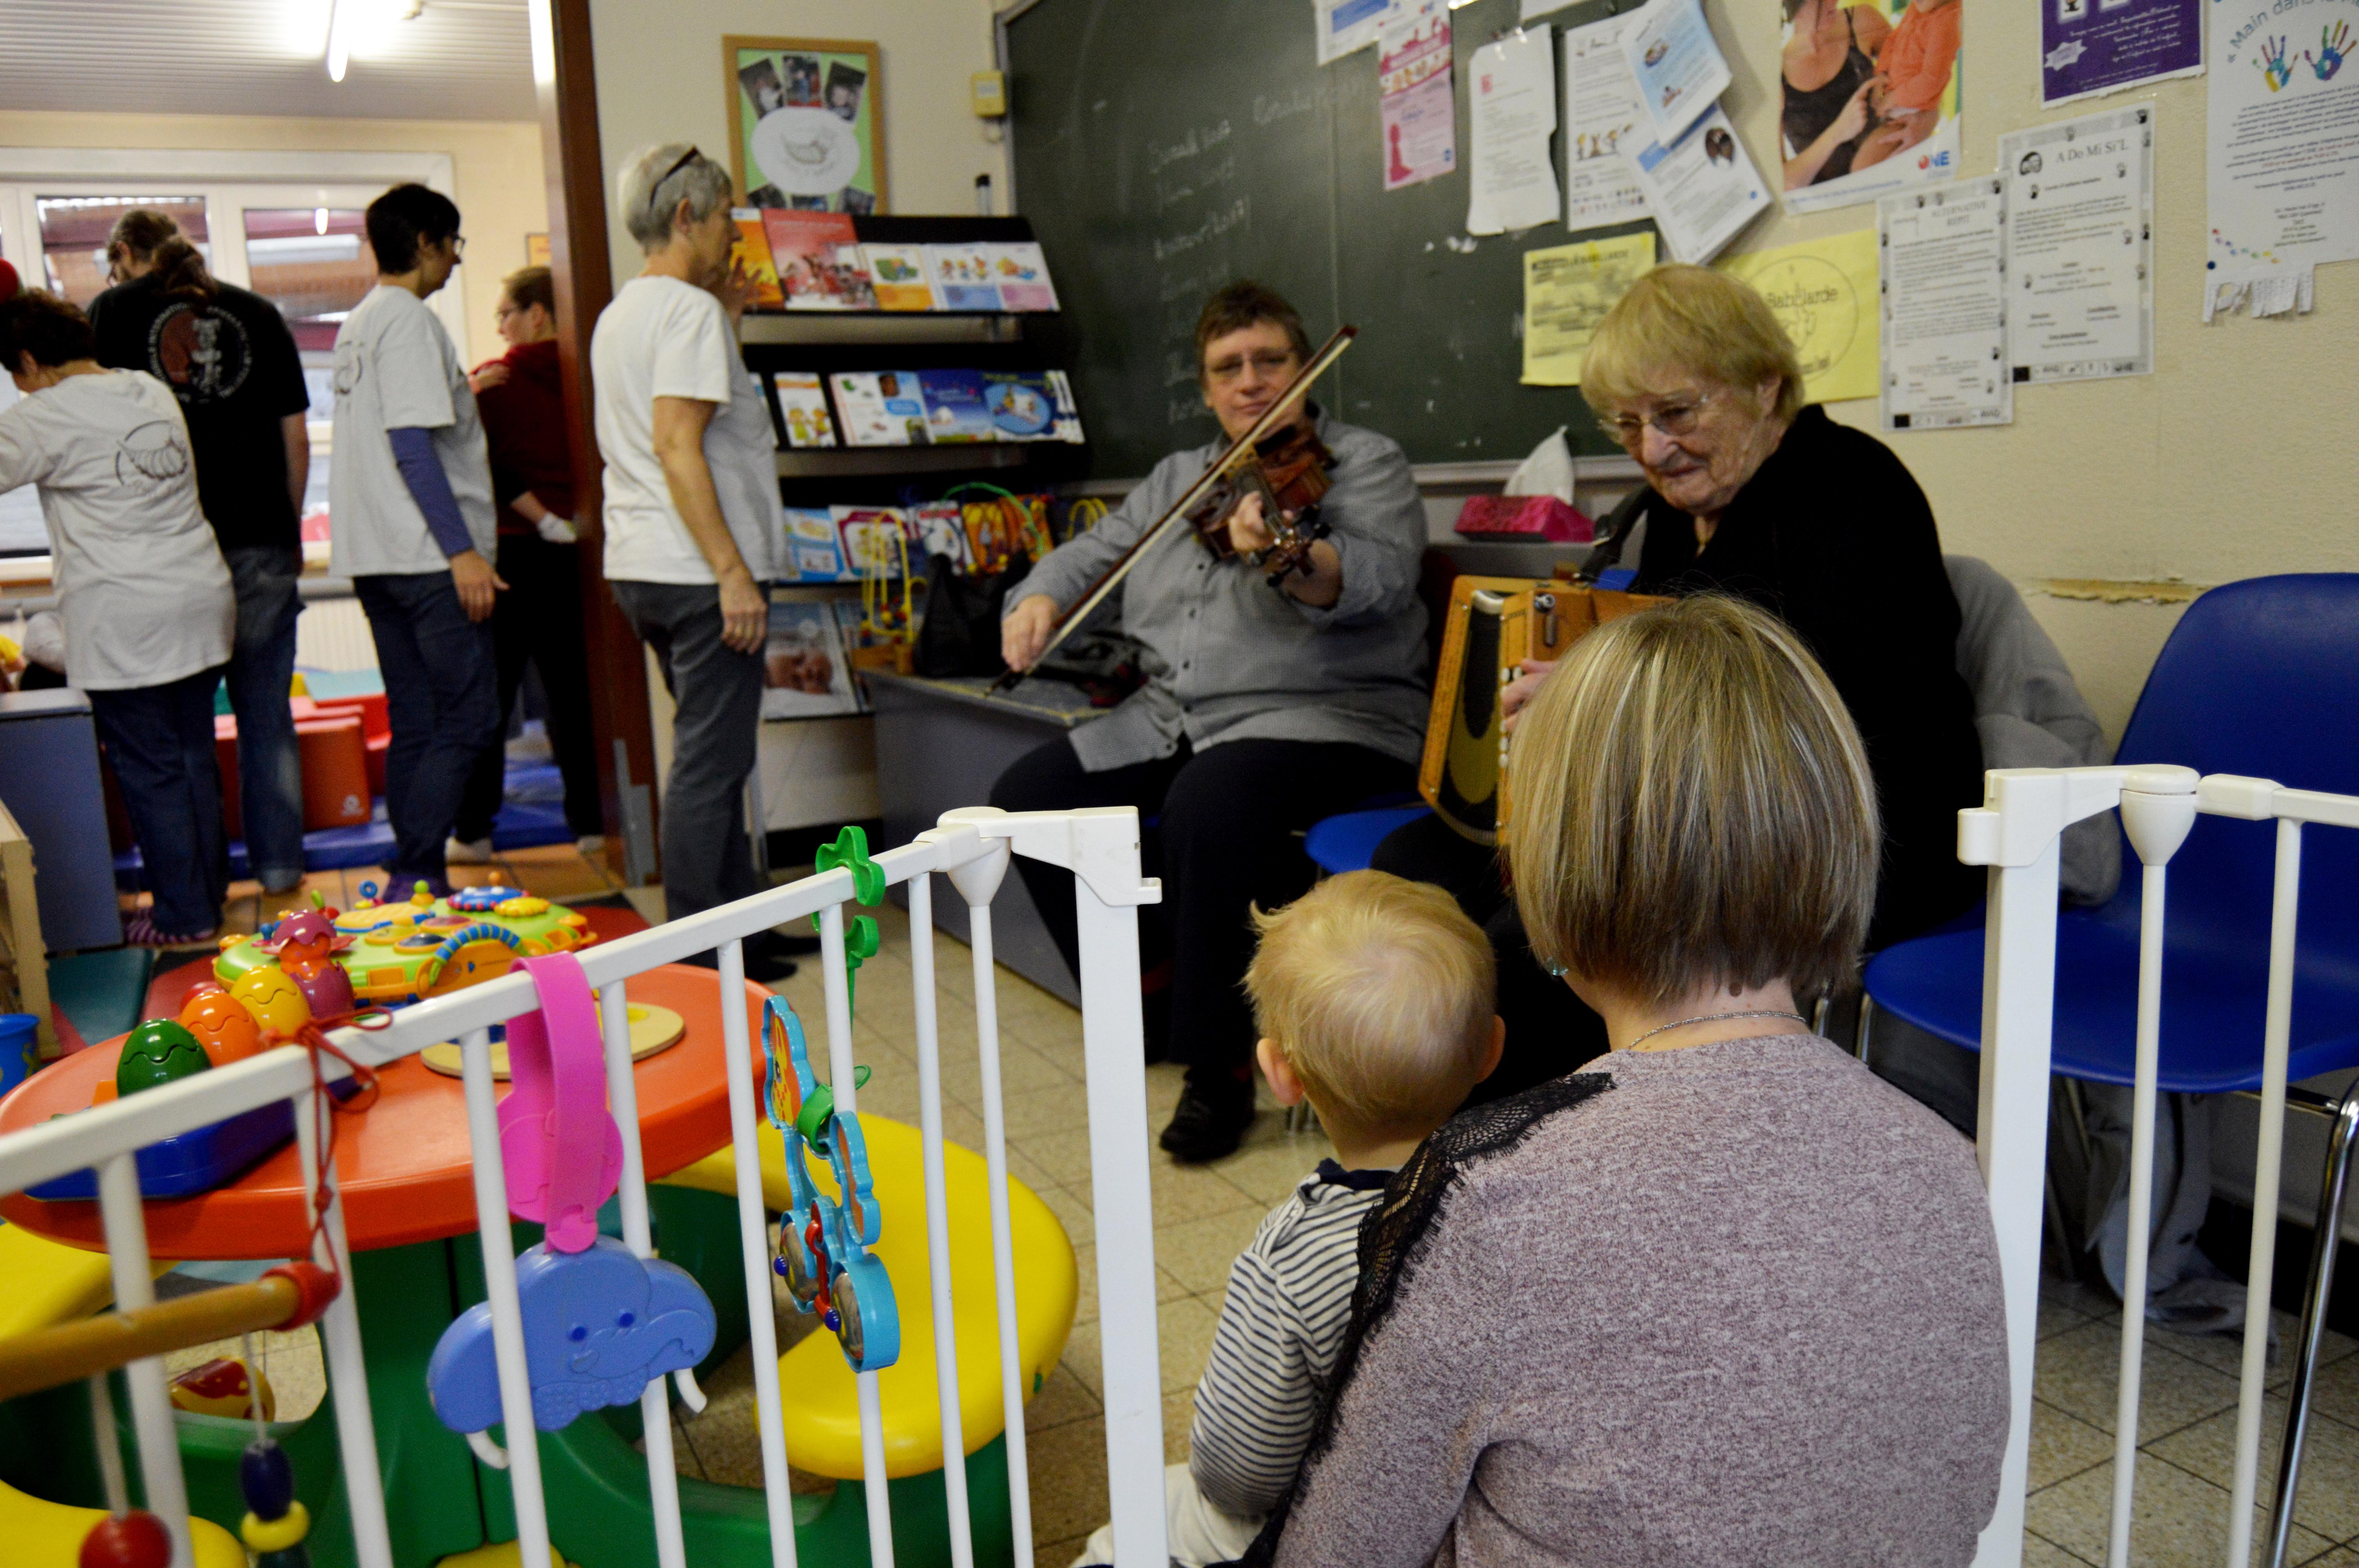 Un enfant et sa maman en train de regarder les deux musiciennes jouer.